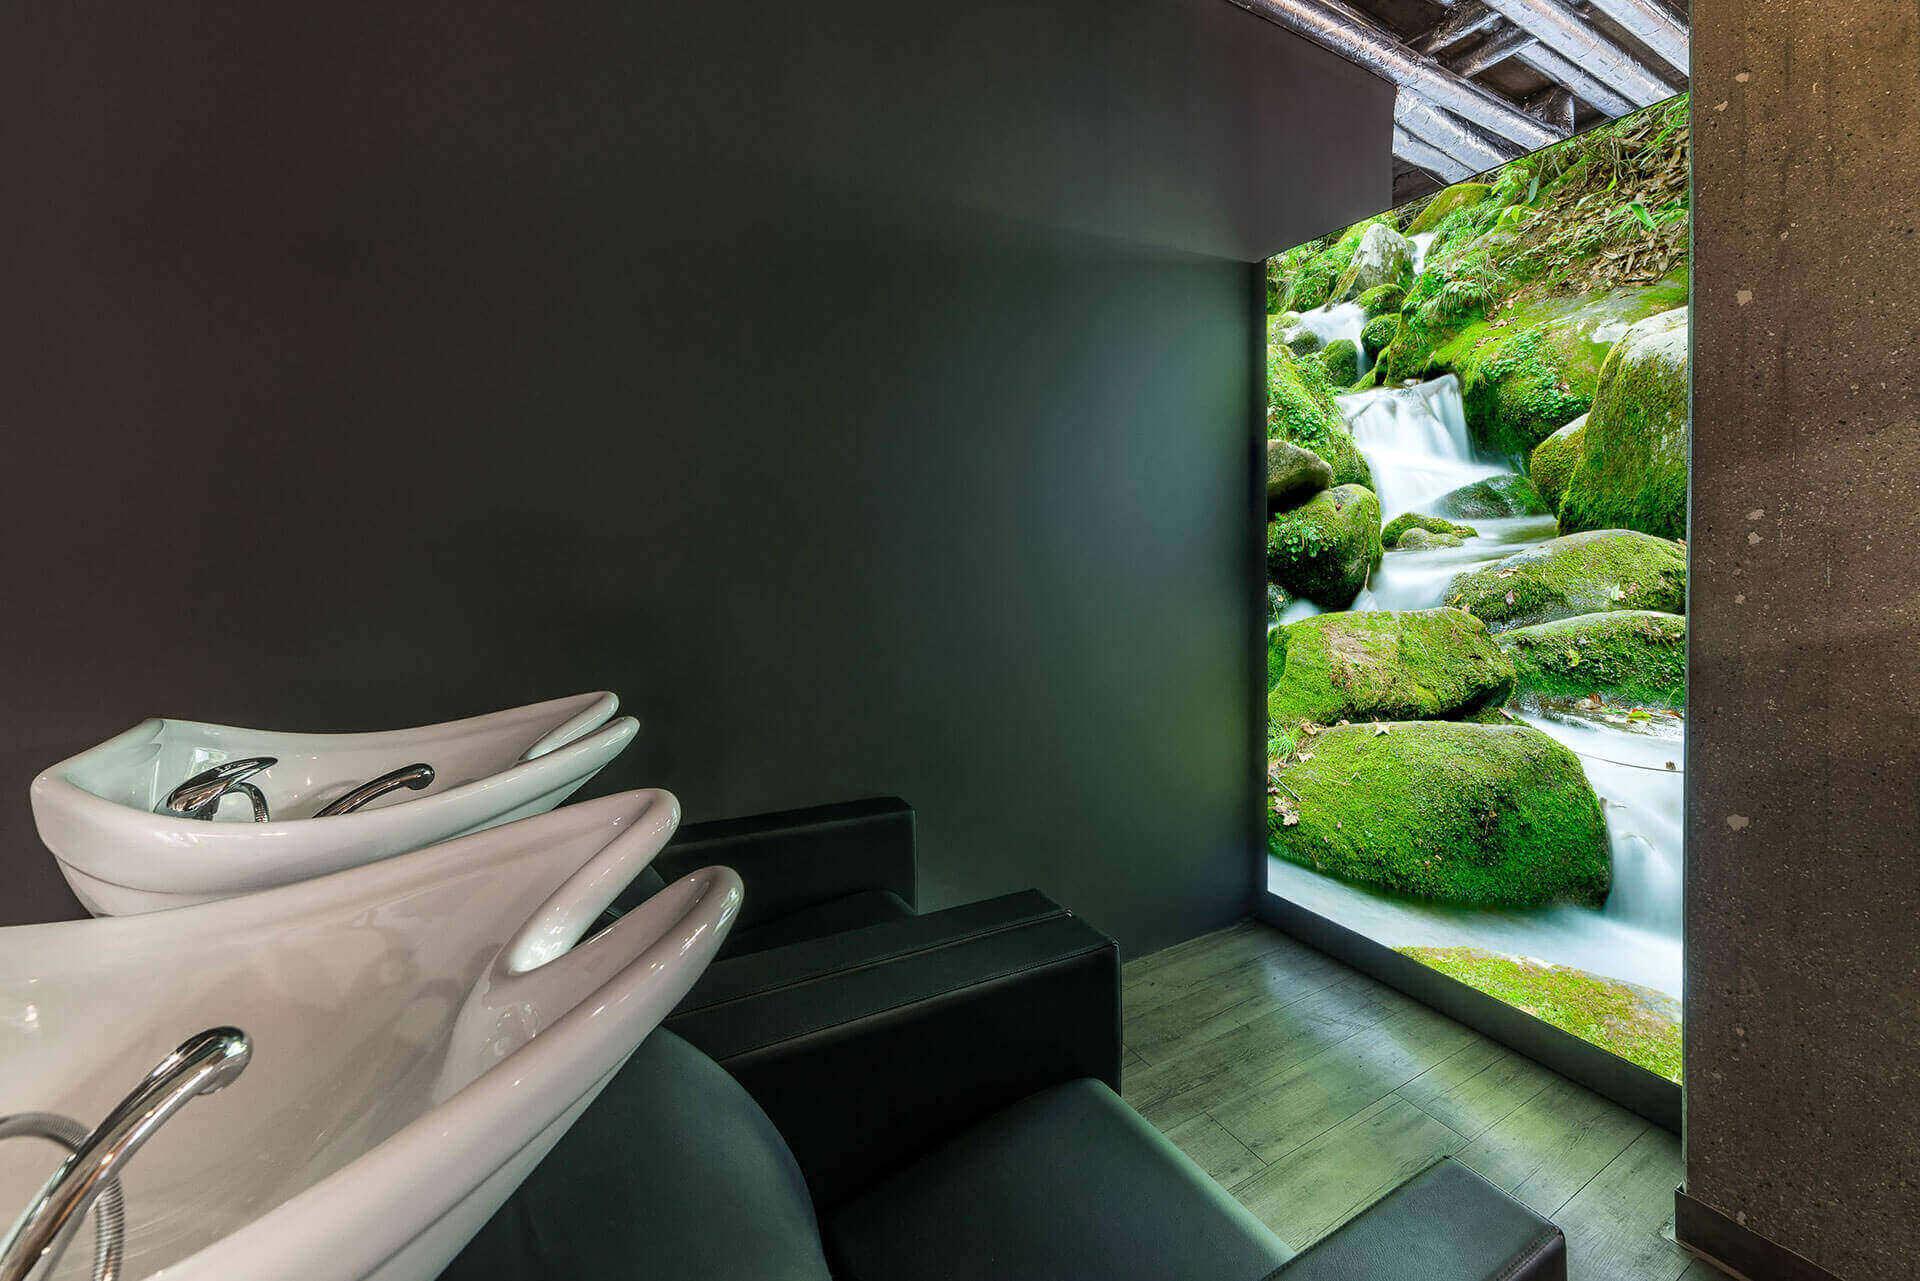 Friseureinrichtung Waschbereich mit Rückwärtswaschbecken und beleuchtetem Wandelement